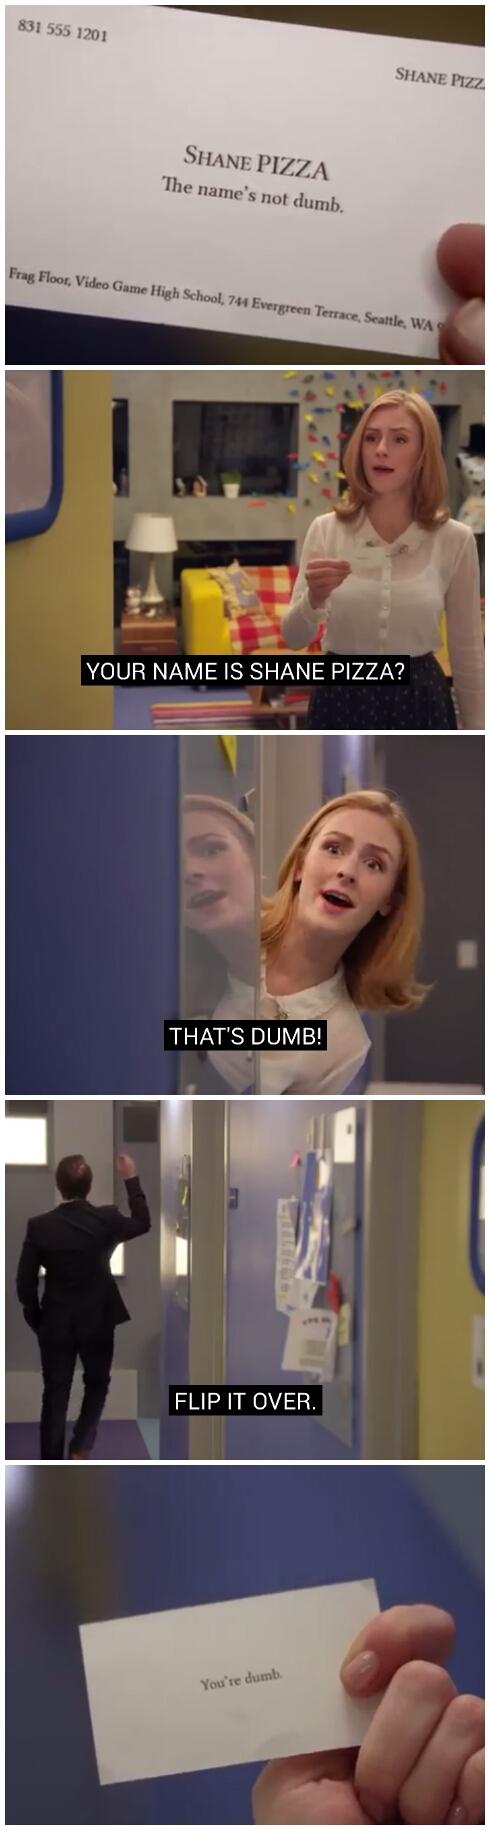 I hope this formats correctly - meme